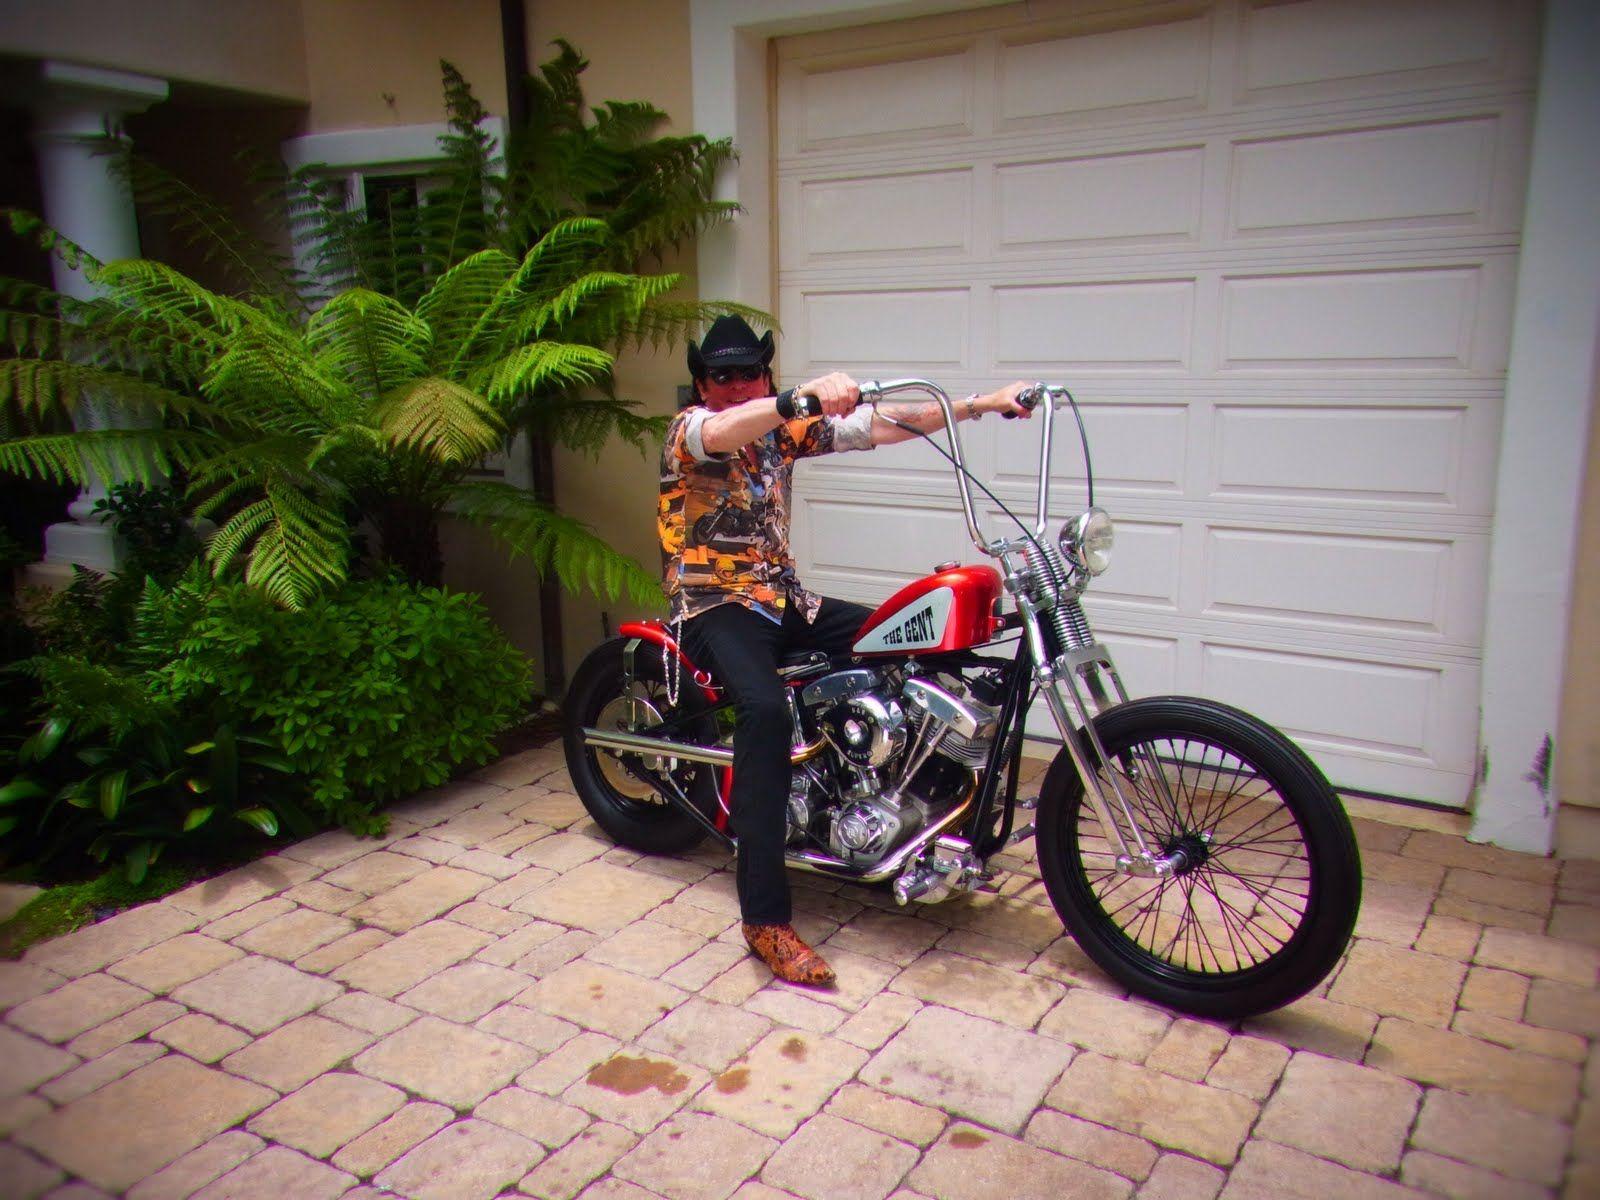 Double cross jewelry by travis walker michael madsen hell ride bike